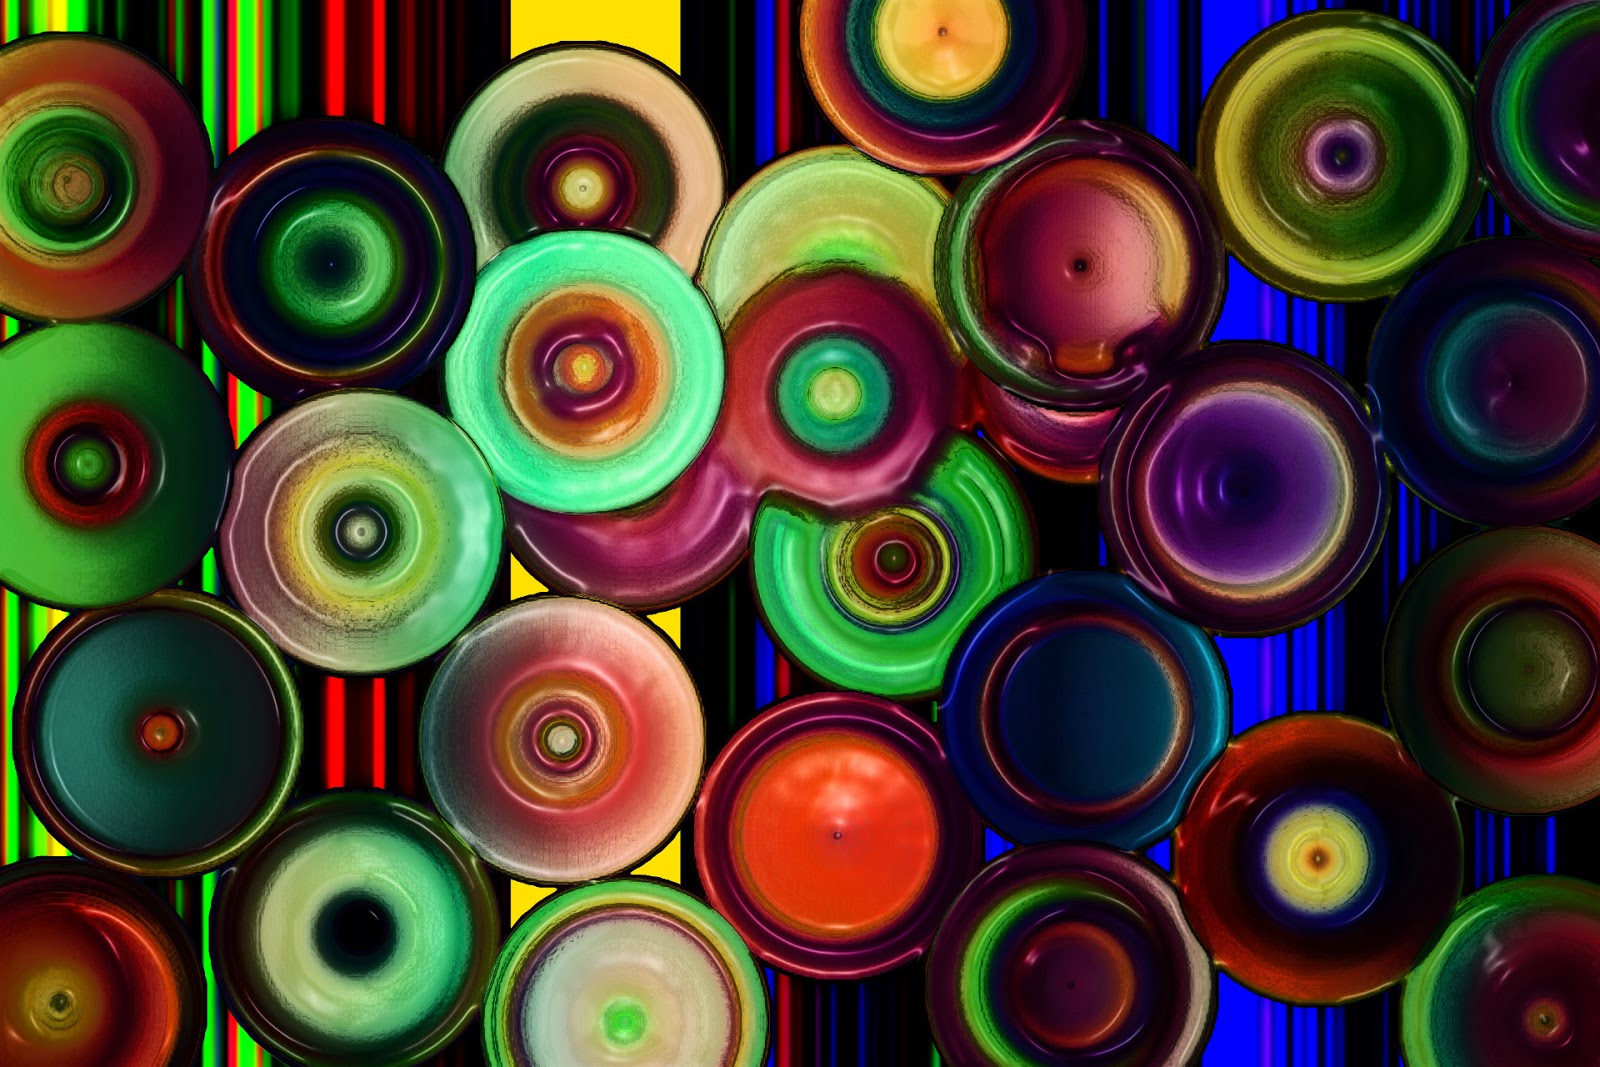 Wallpaper coloured for Tablet Sfondi colorati per Tablet